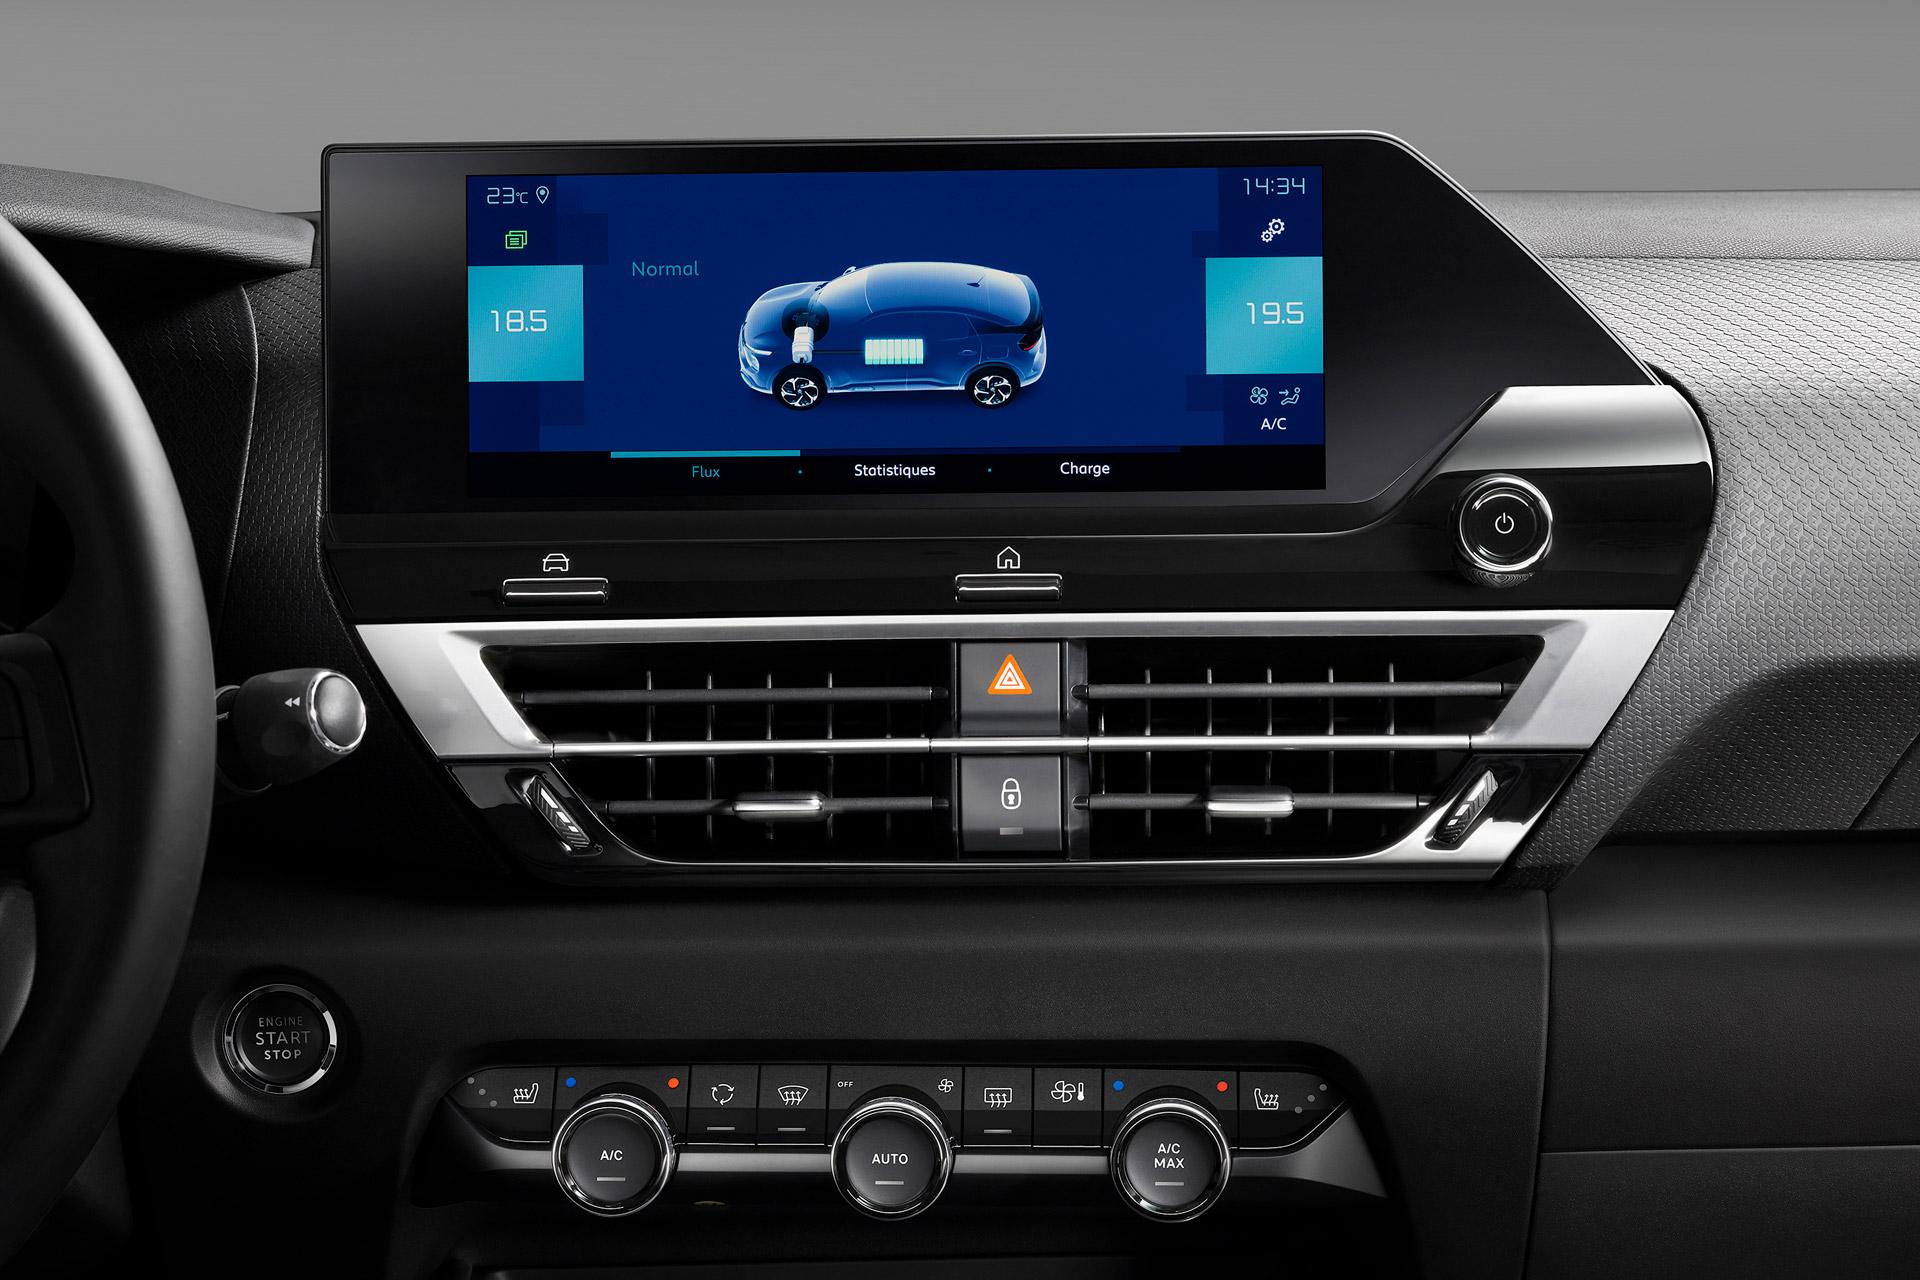 Citroën C4 touchskærm